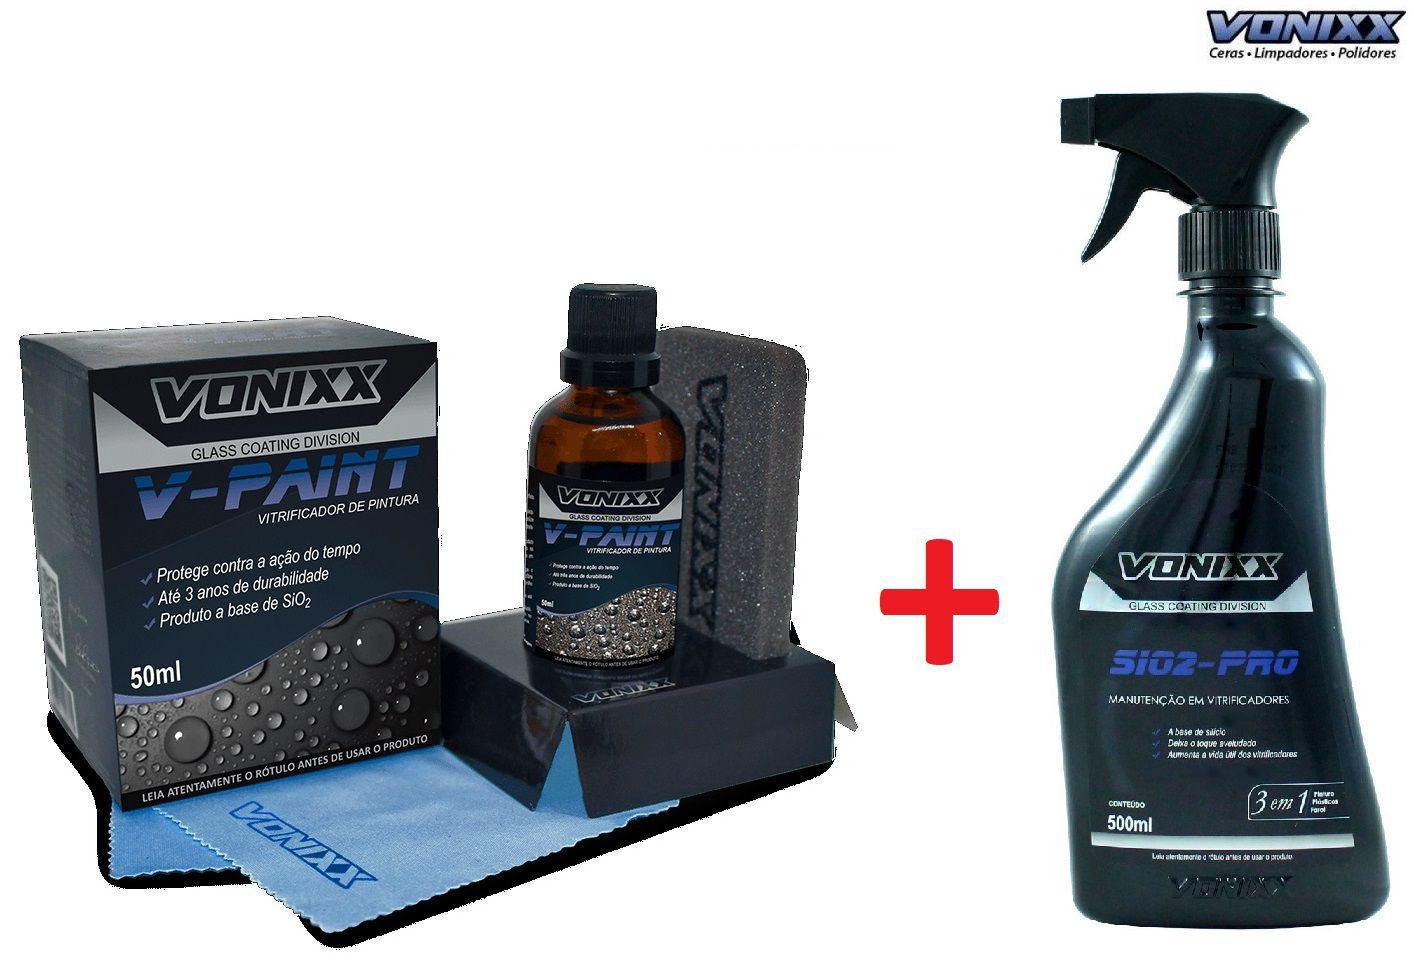 V-paint Vitrificador 50ml Vonixx + Sio2-PRO Manutenção 500ml